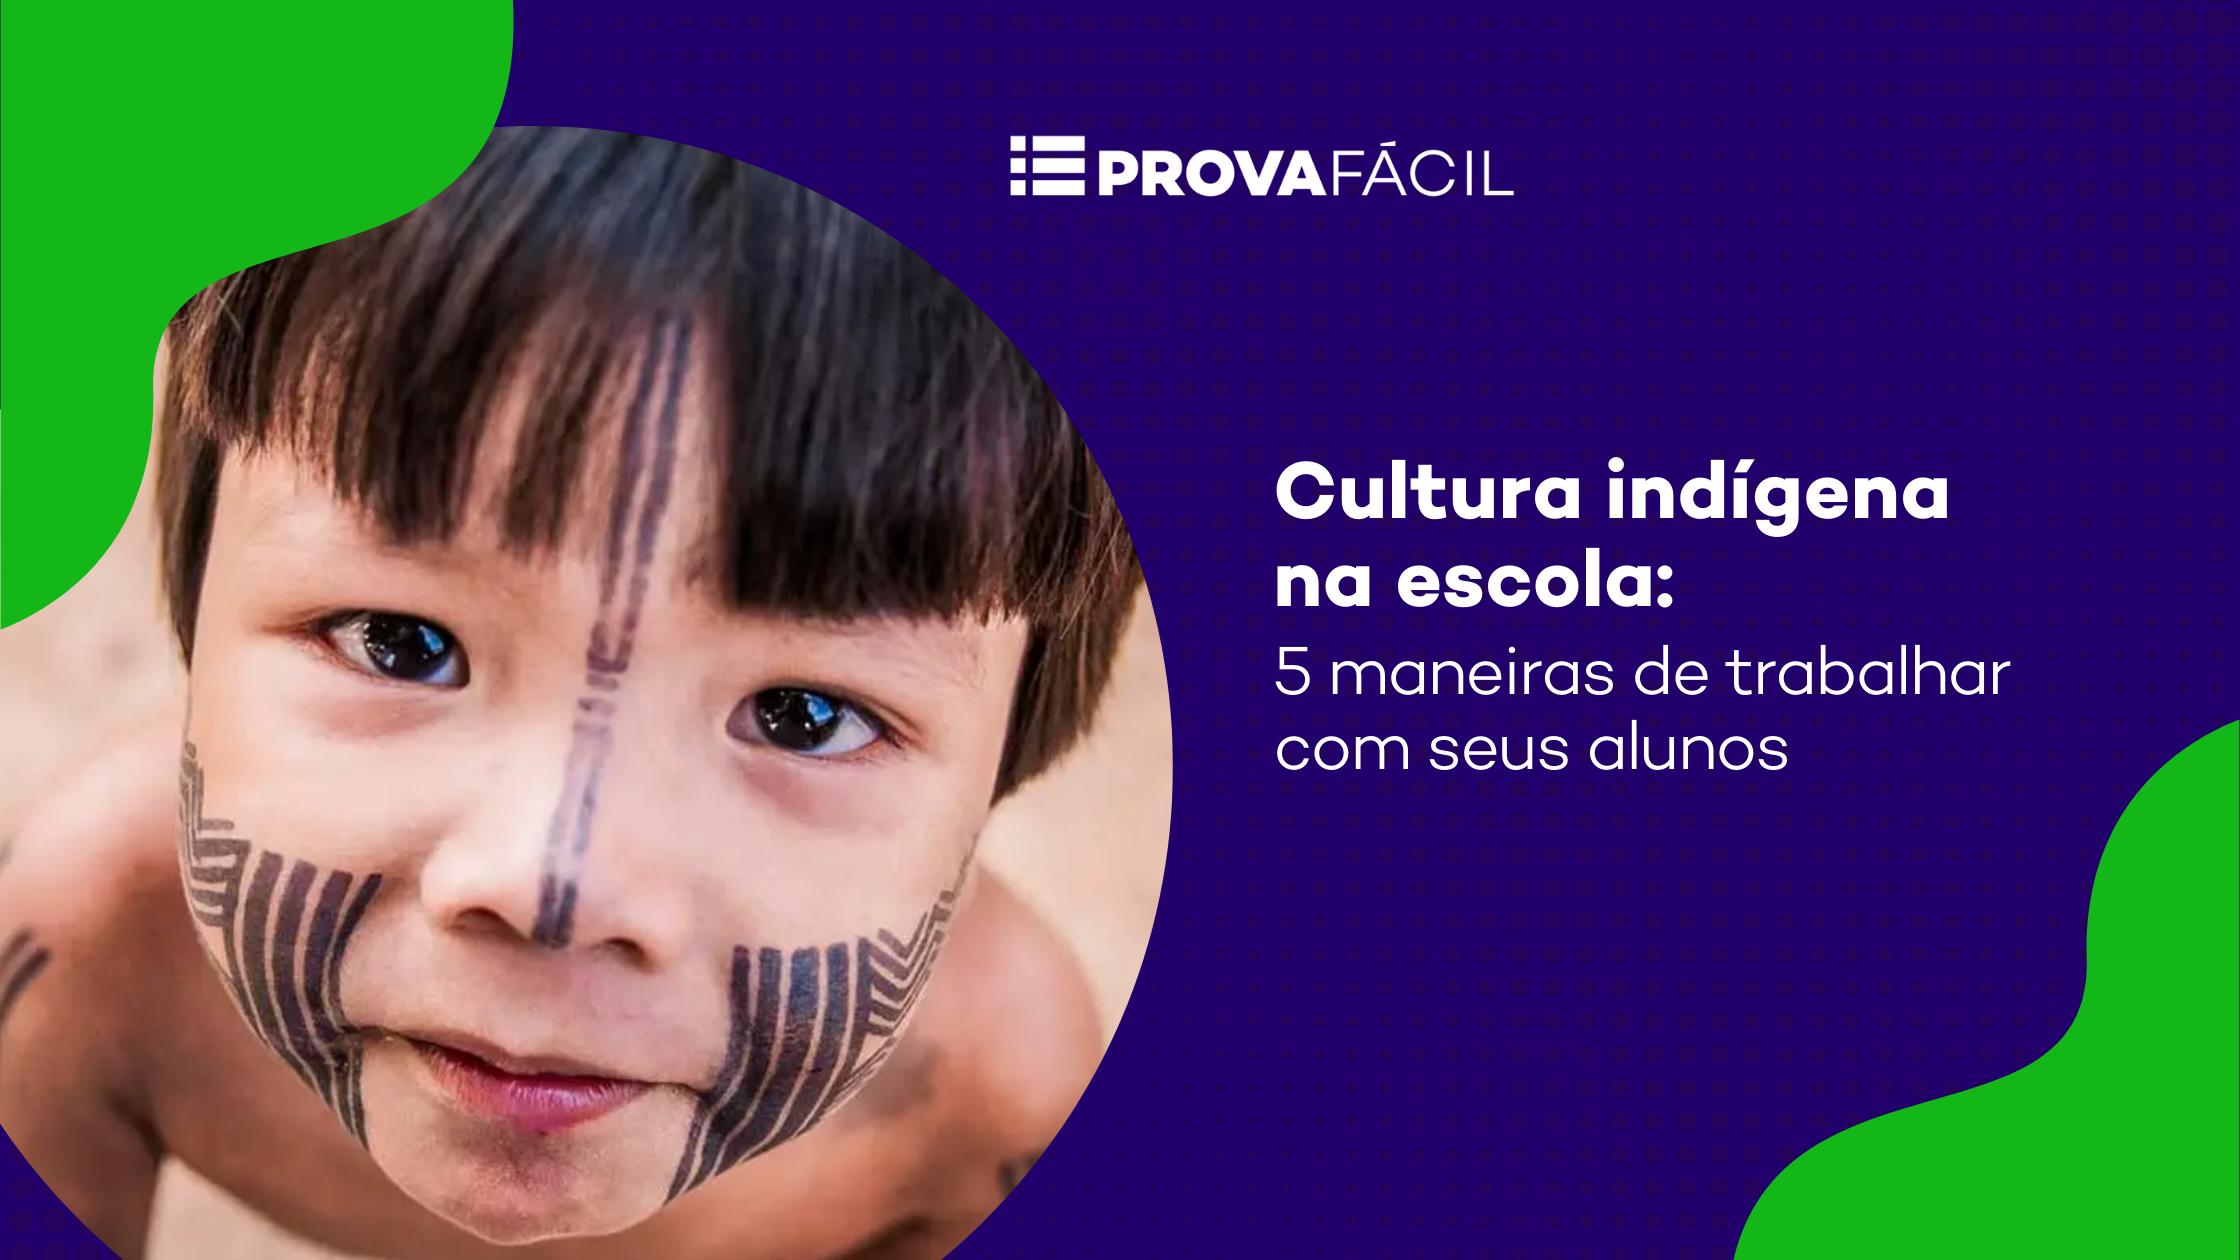 cultura indígena na escola prova fácil